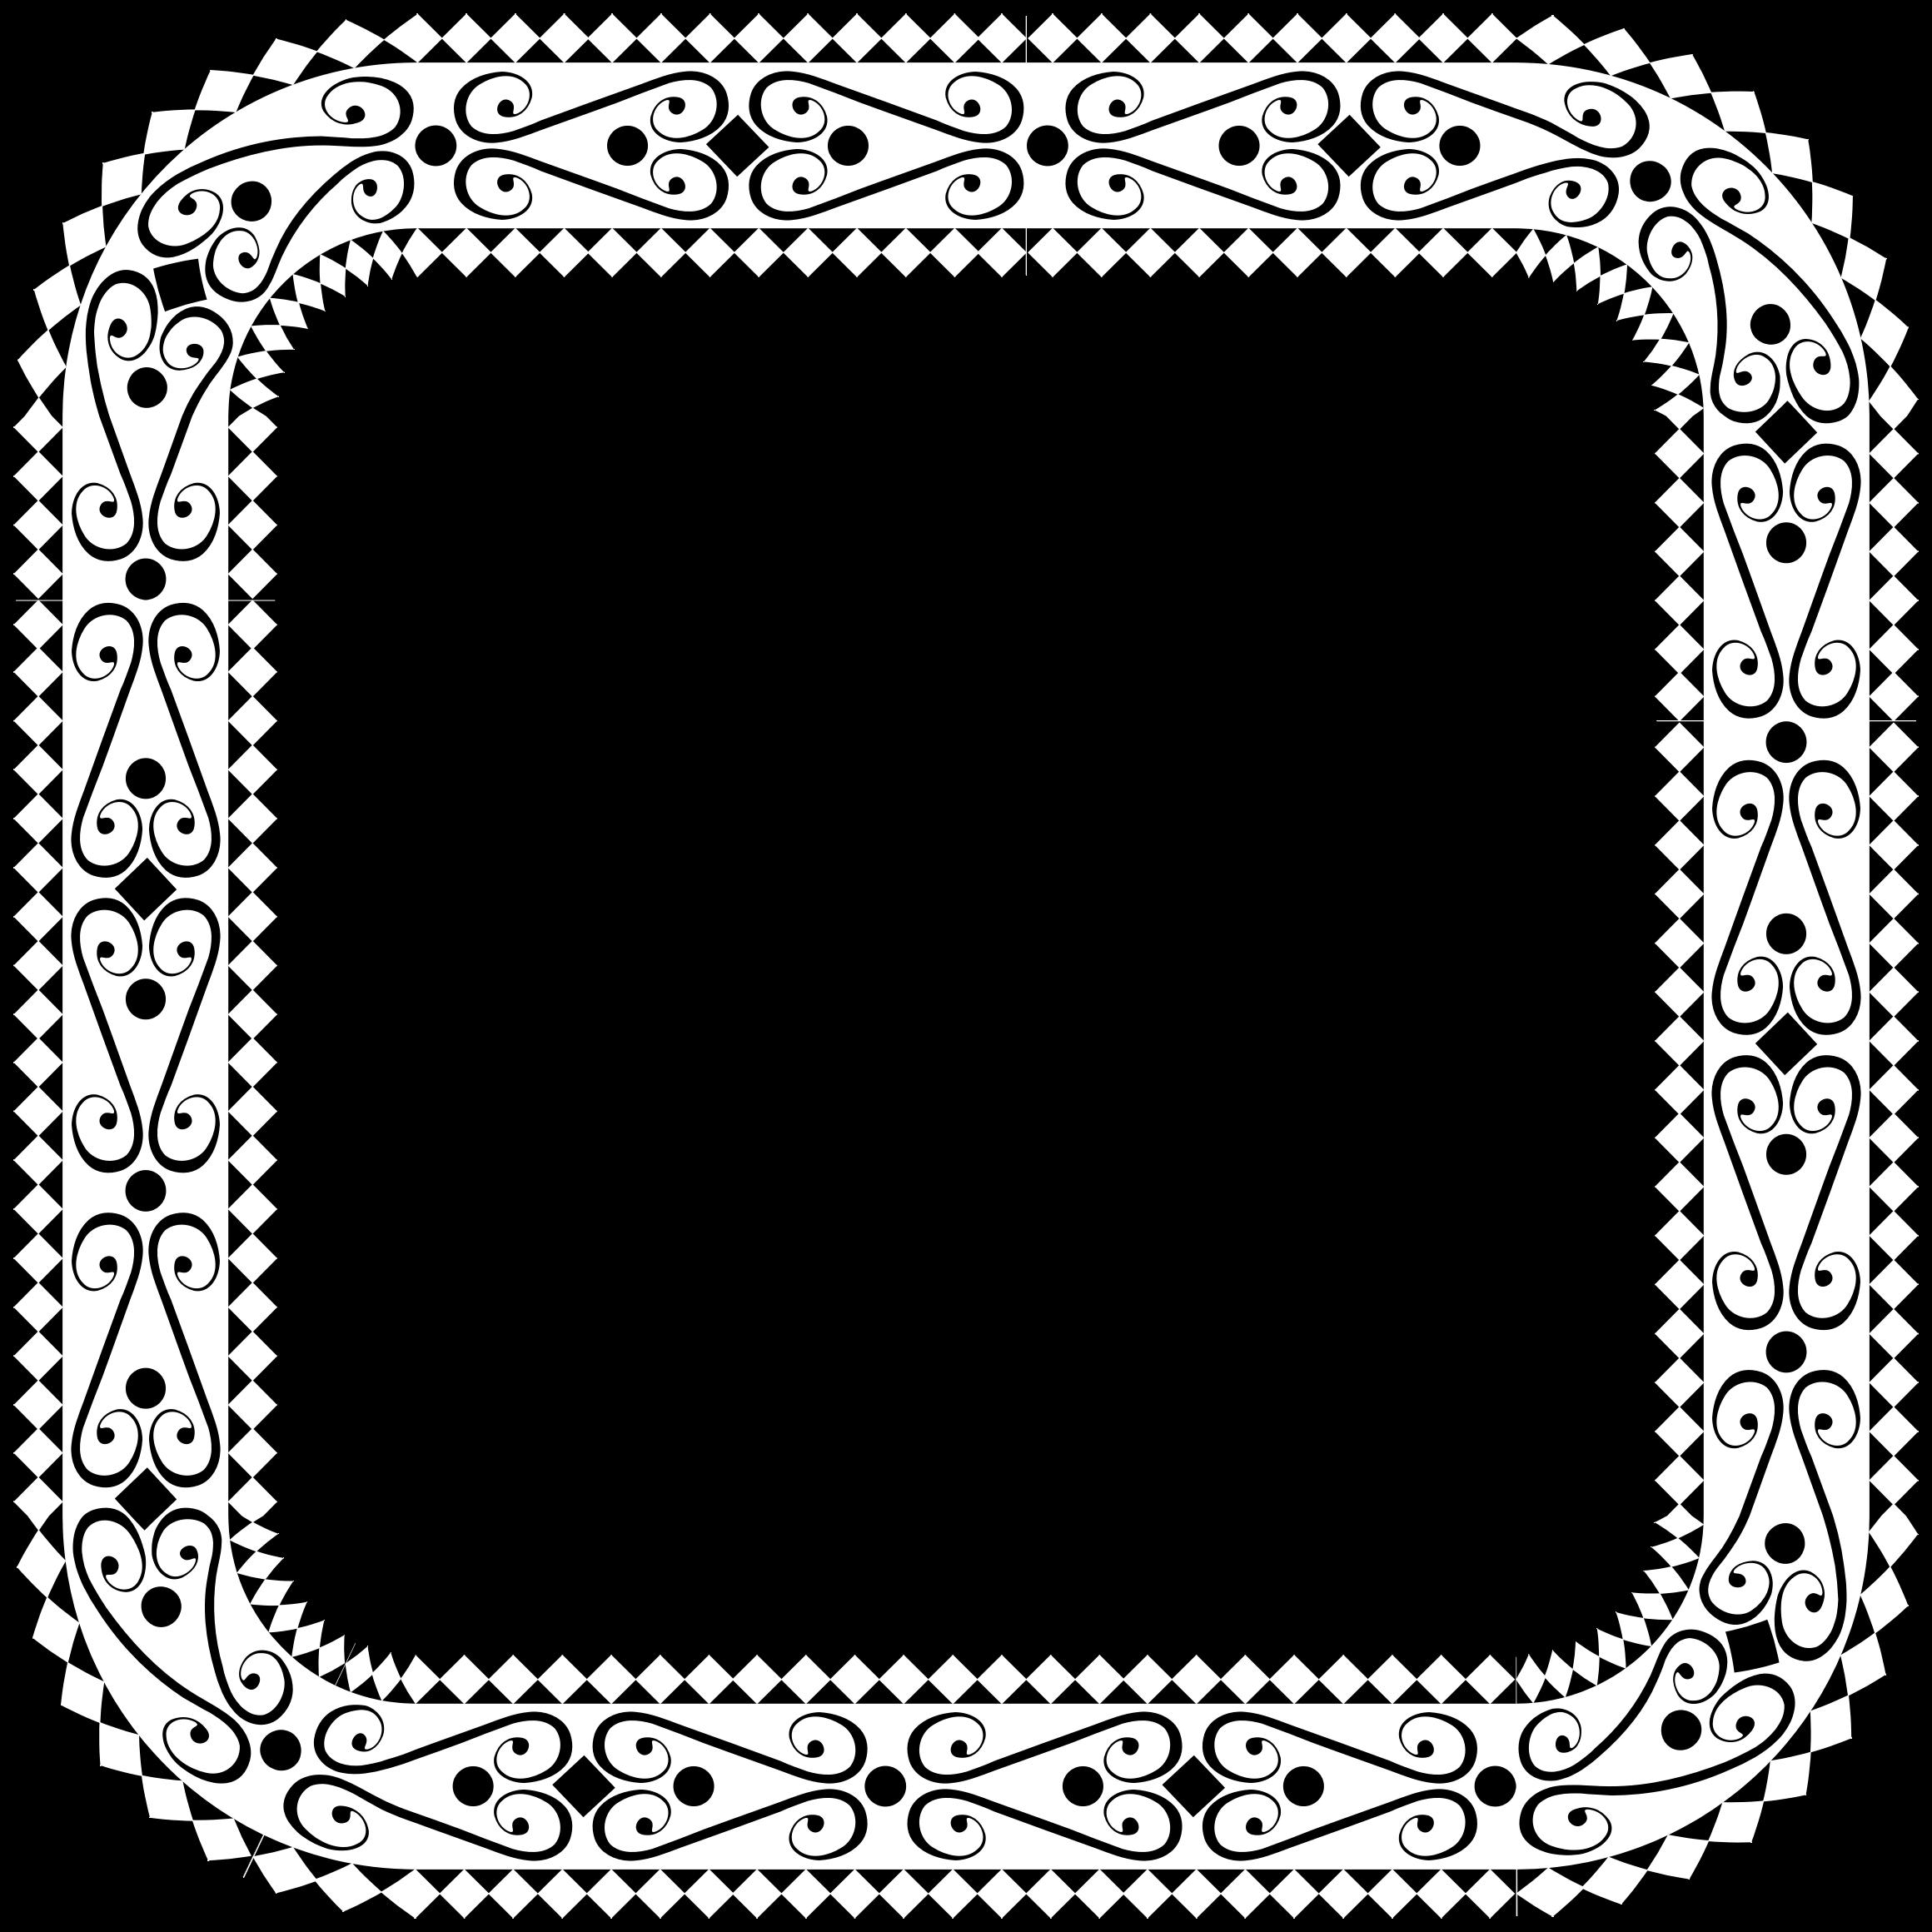 Clipart - Decorative Ornamental Square Frame 2